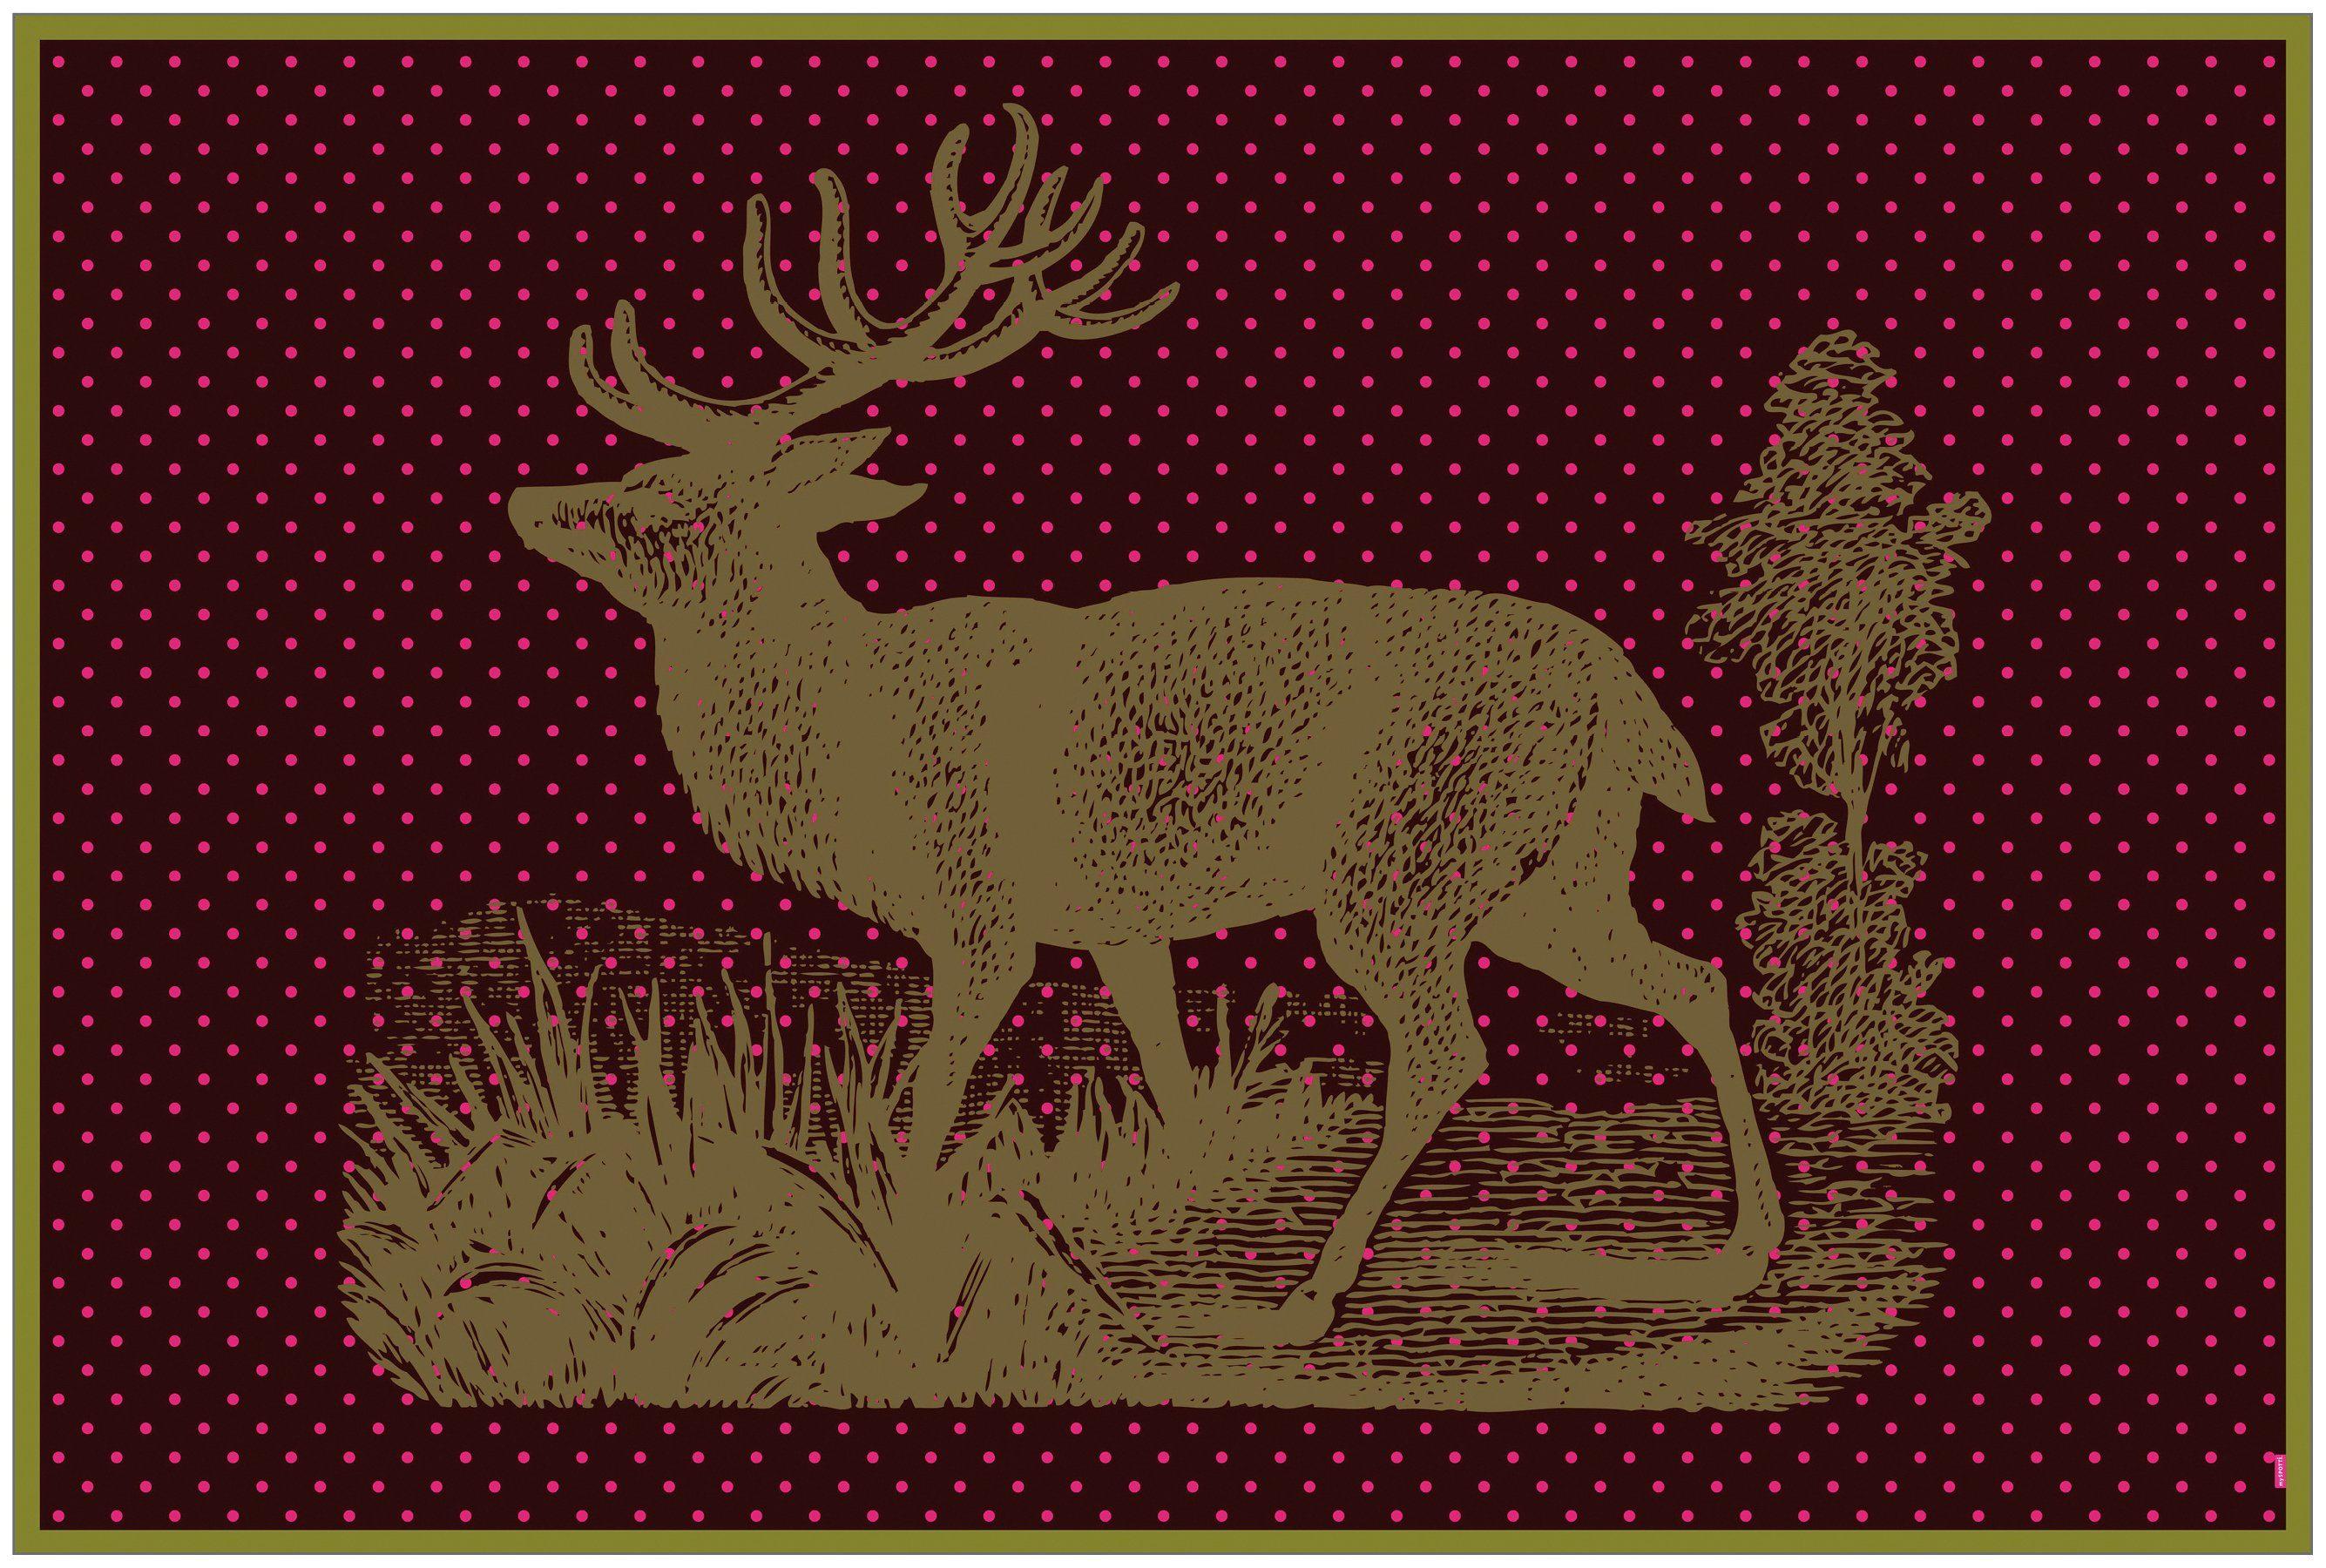 MYSPOTTI Vinylteppich »mySPOTTI buddy Maggie«, 203 x 136 cm, statisch haftend